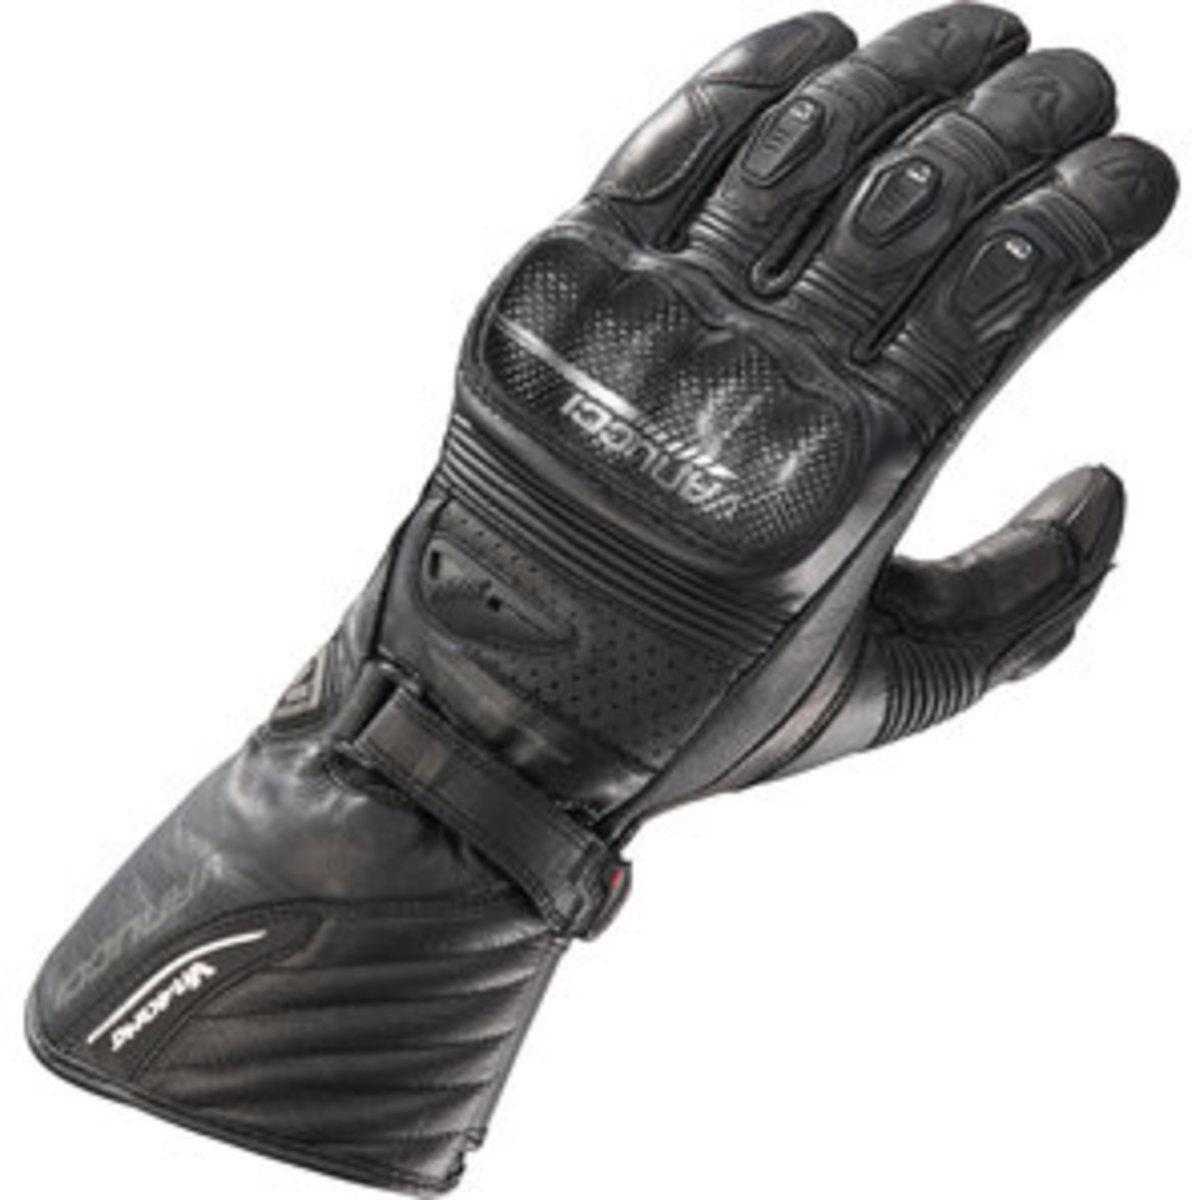 Bild 4 von Vanucci Competizione II Handschuhe